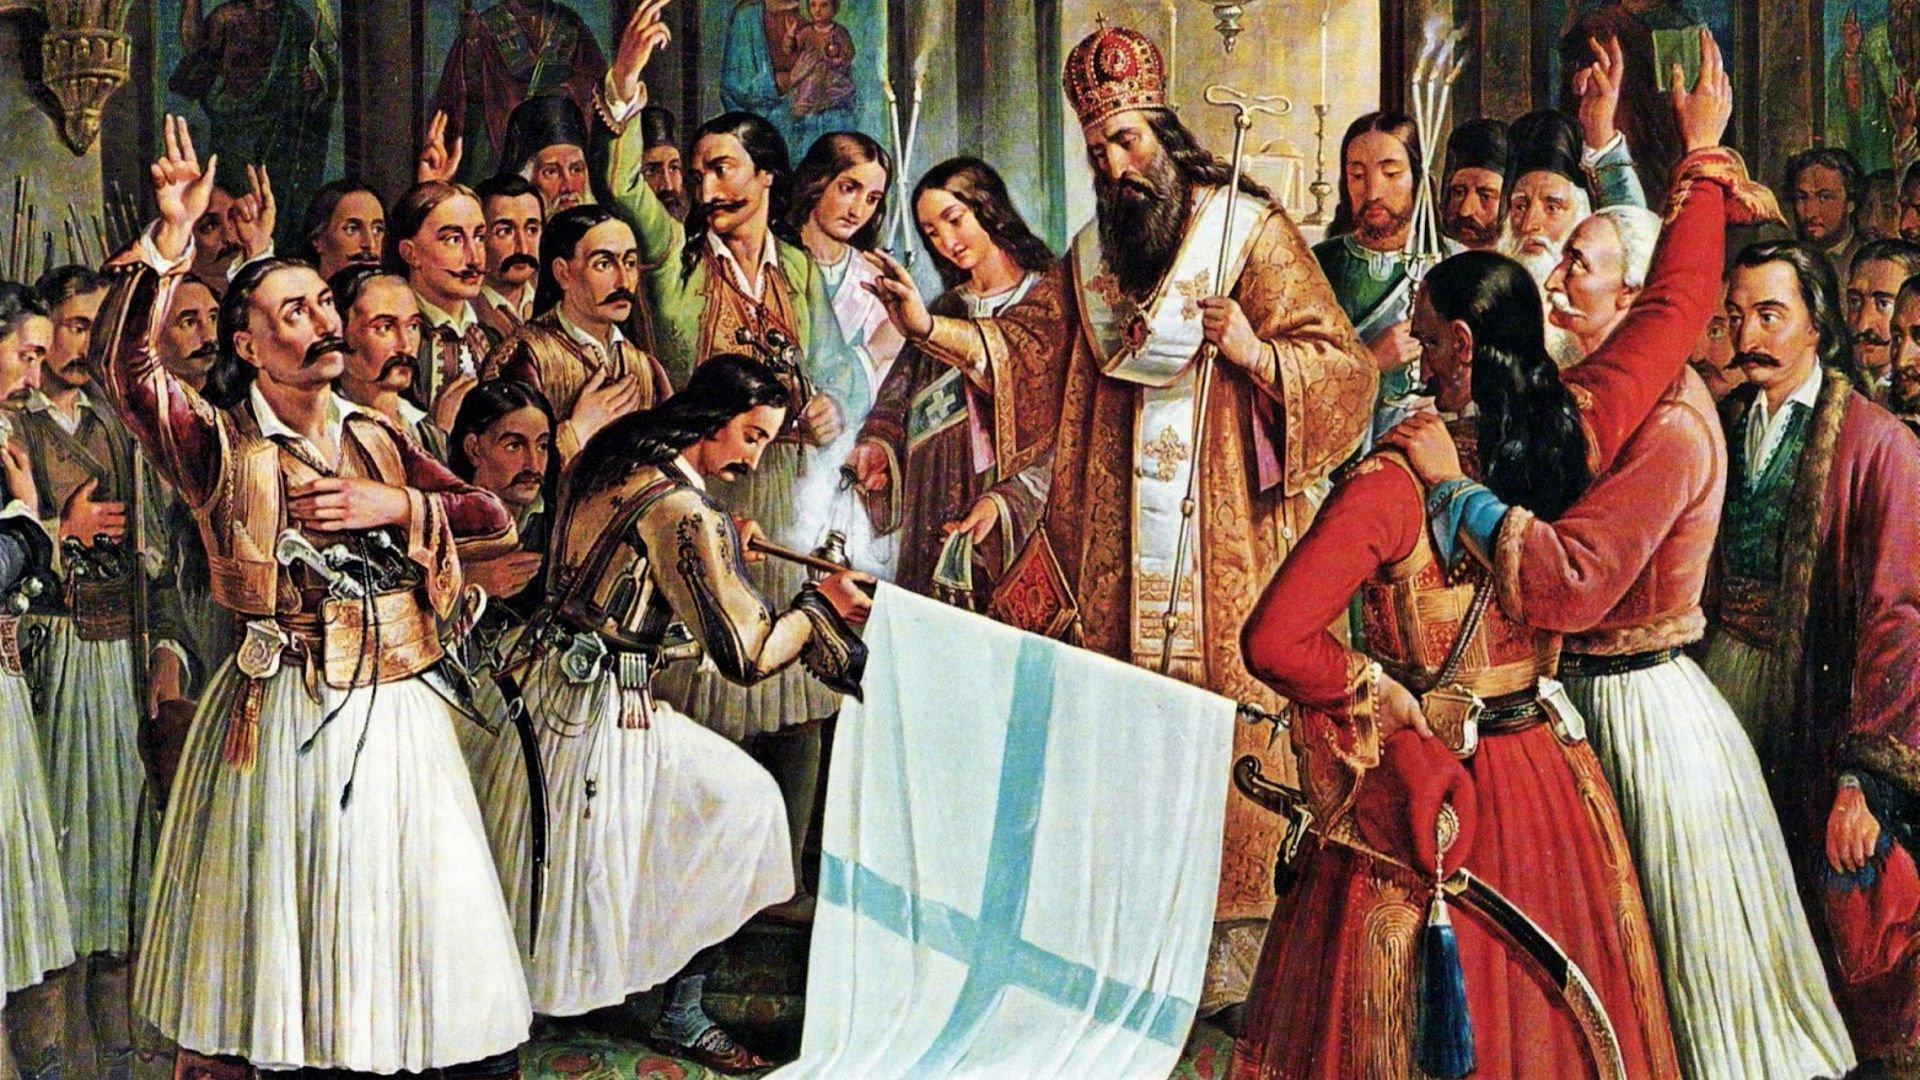 Το Εικοσιένα και η Ελευθερία των Ελλήνων